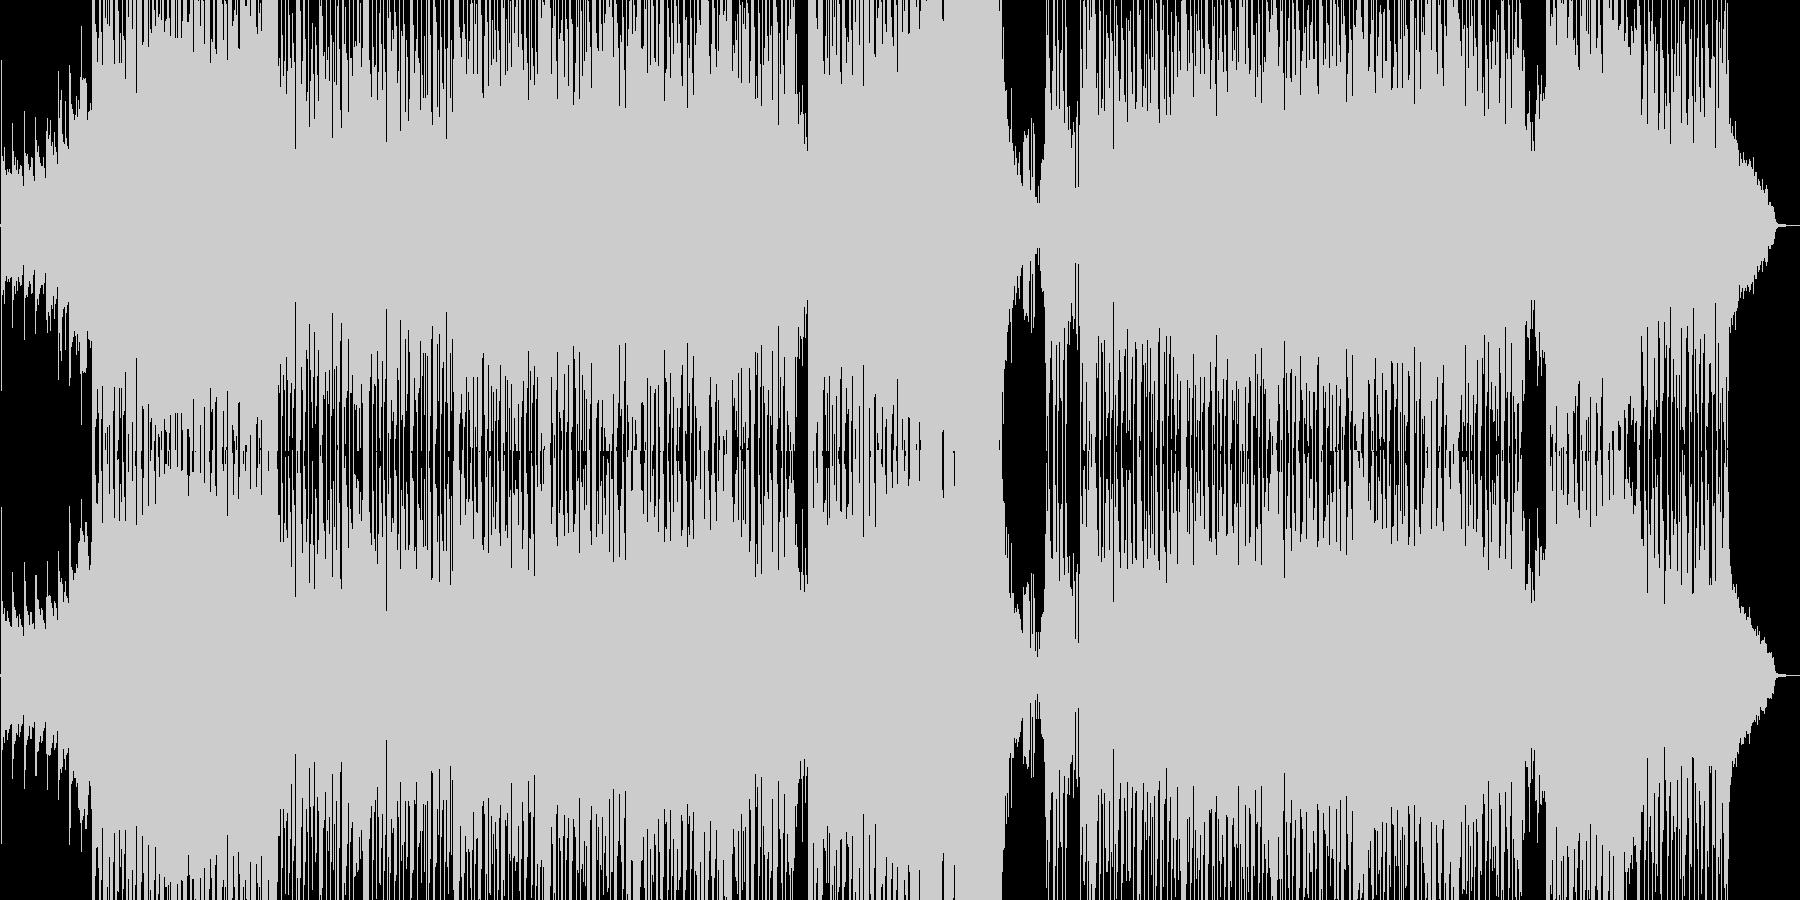 張り付く恐怖感を意識したドラムンベースの未再生の波形